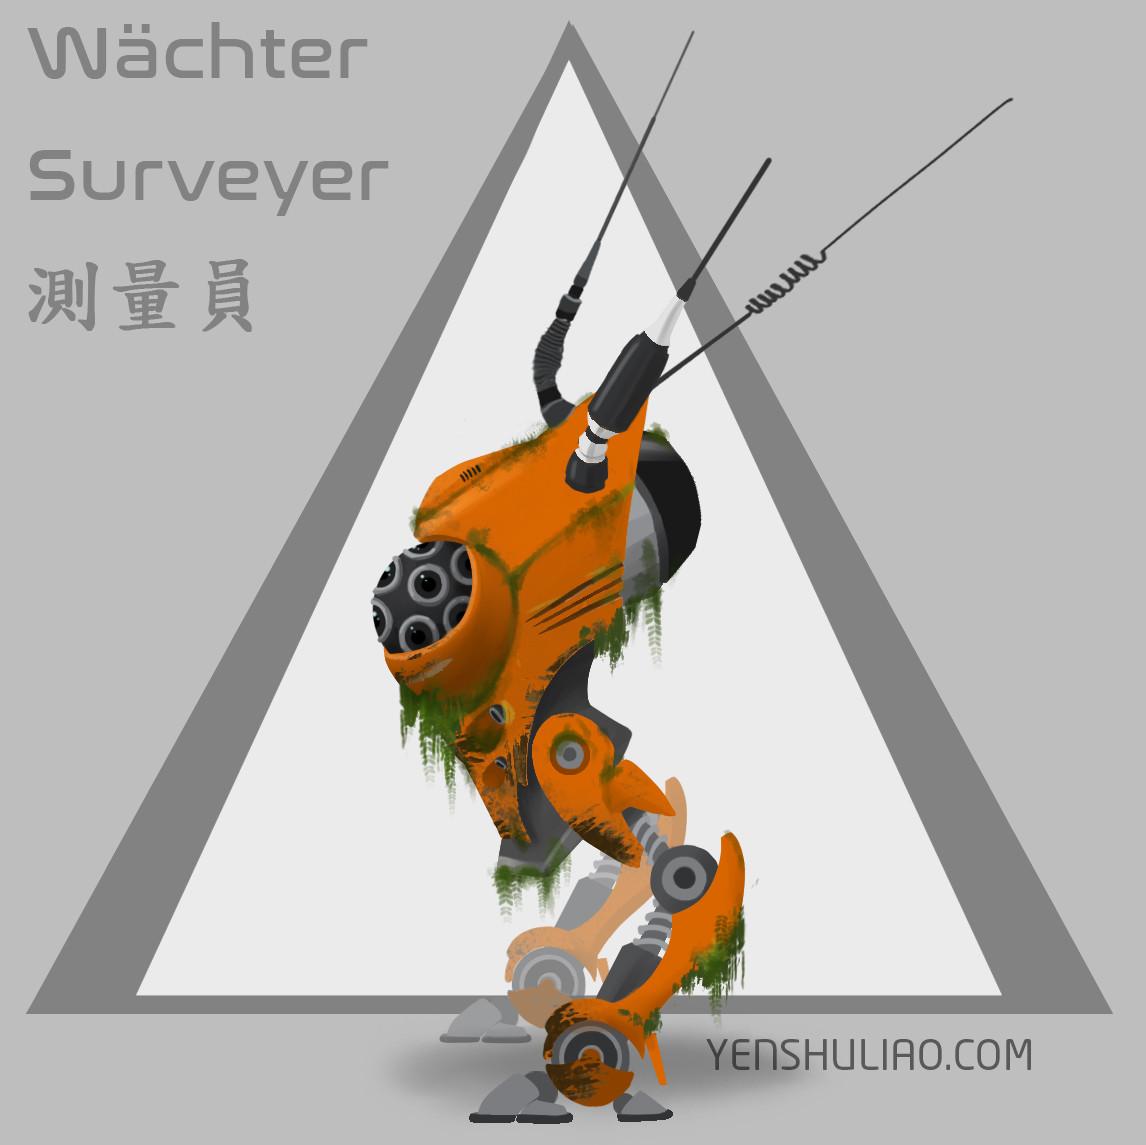 Yen shu liao mech robot concept art yenshuliao 03